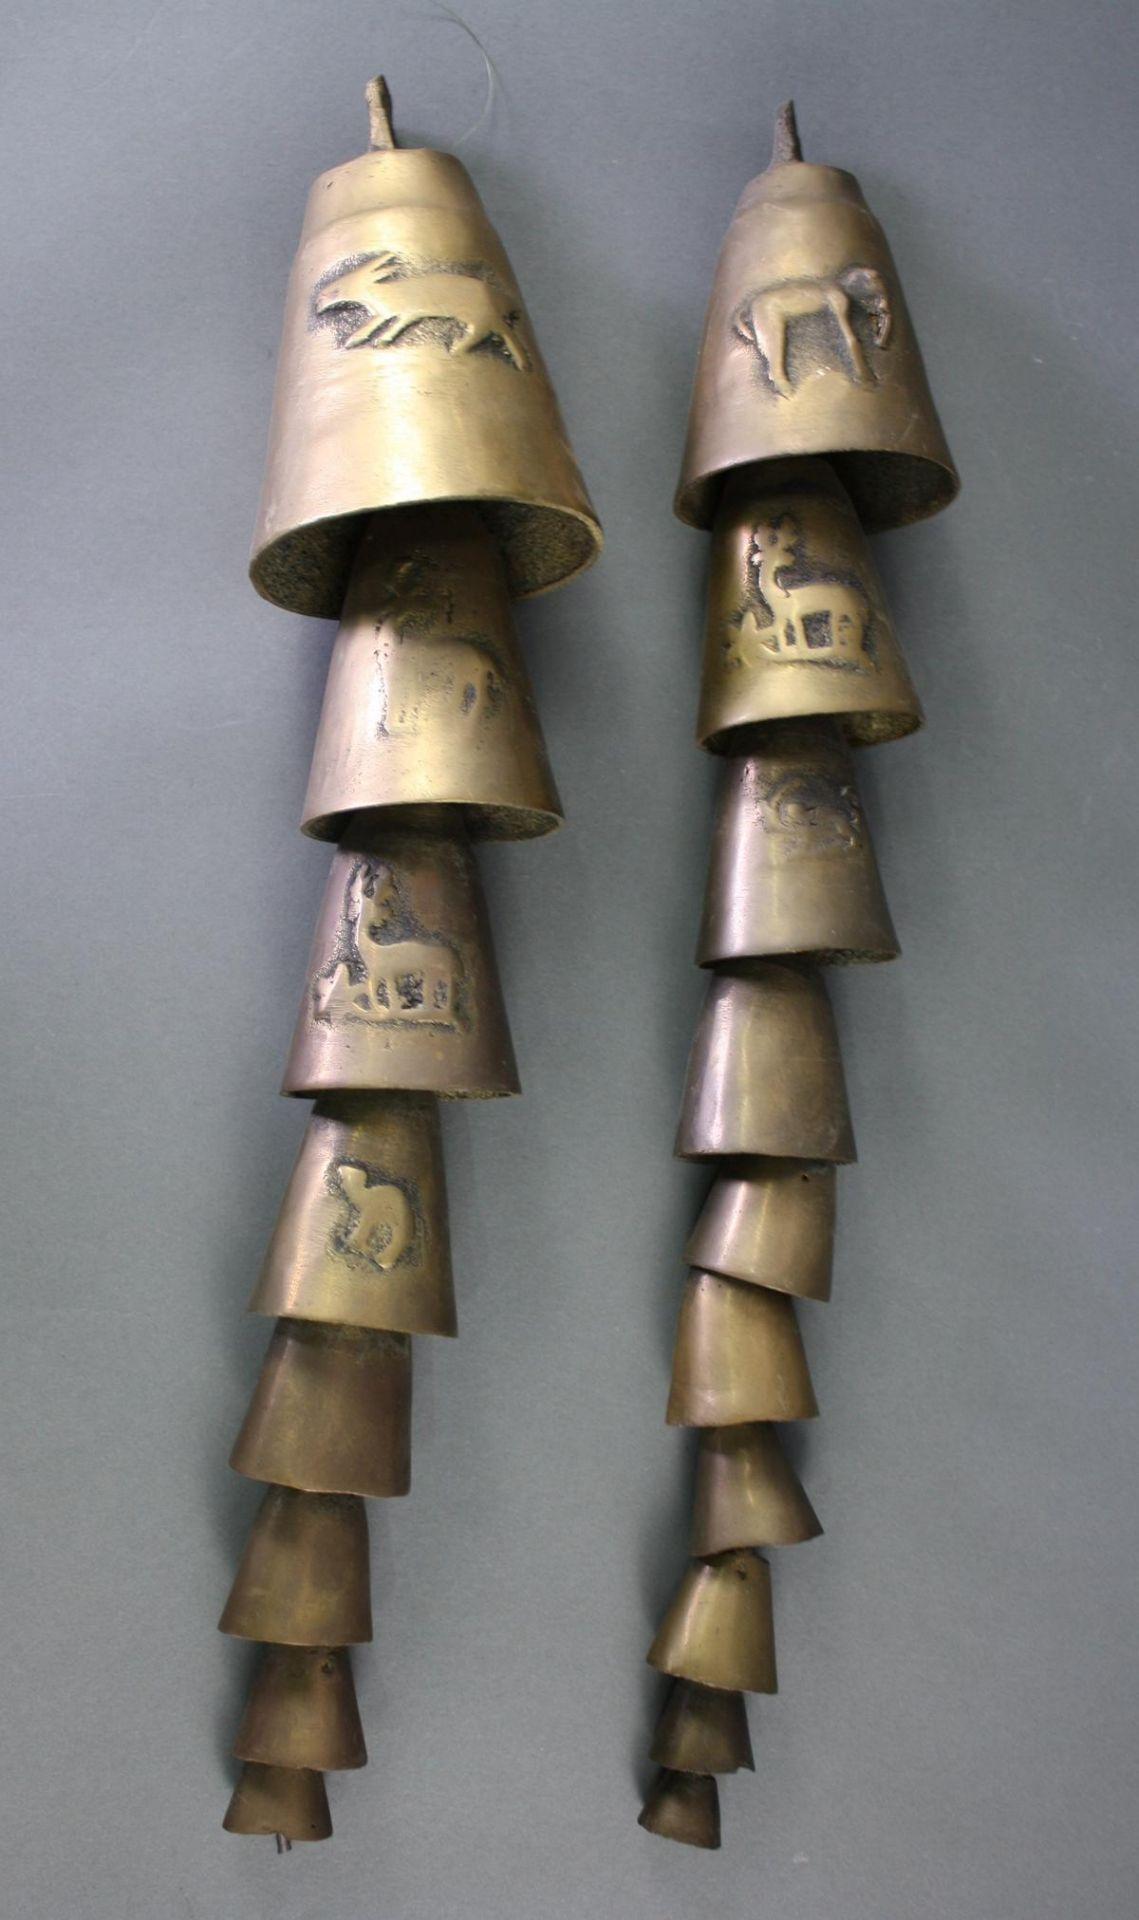 2 Glockenstränge mit 10 und 8 Glocken